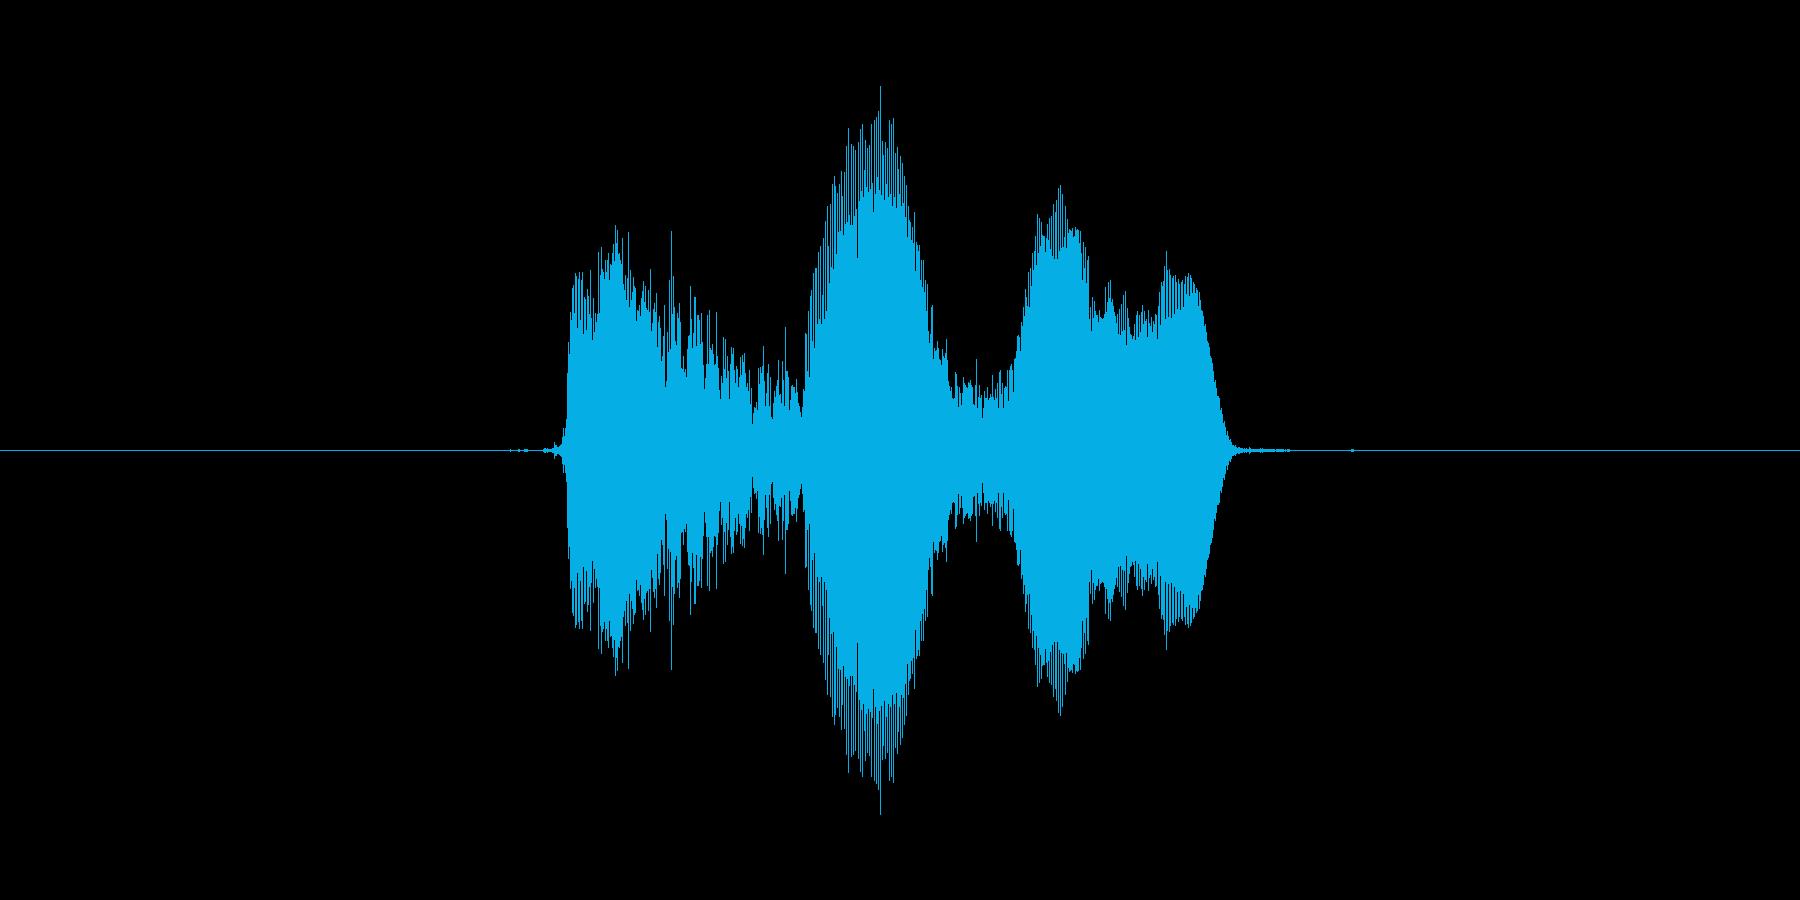 キャハハッ(明るい笑い声)の再生済みの波形